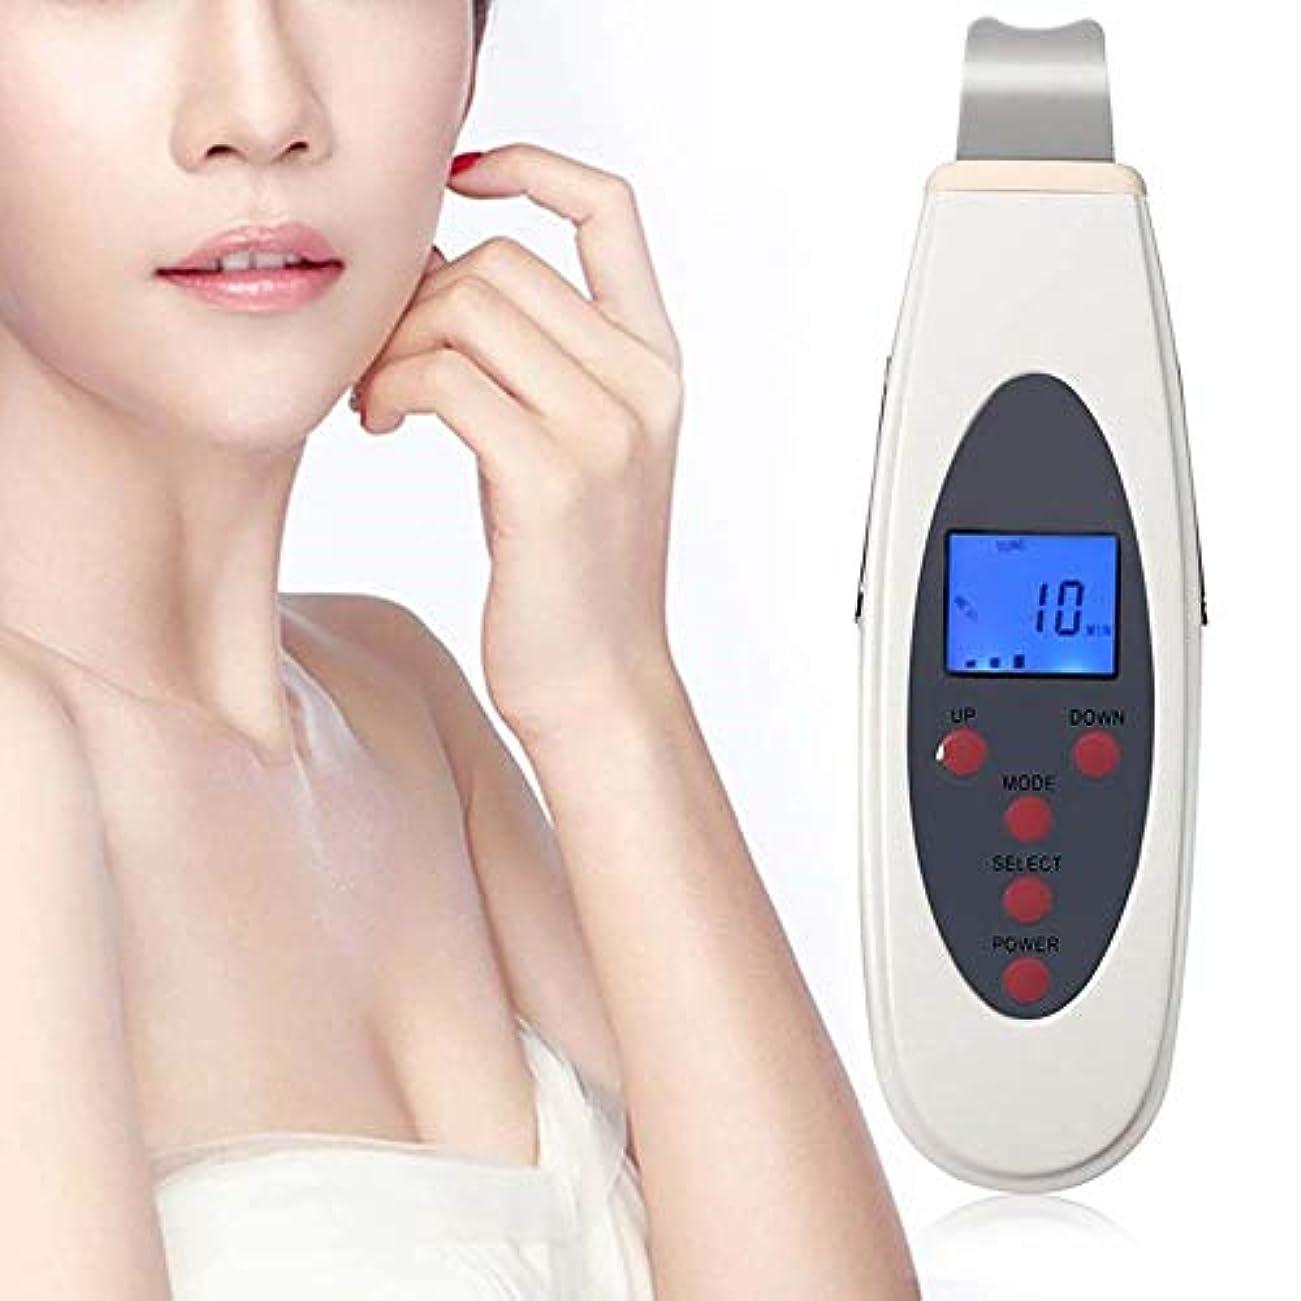 起こりやすい錫プログラム顔の皮膚スクラバー、スキンケア男性女性のためのデジタル顔LCDディスプレイフェイスエクスフォリエイティング美容機器顔の美容機超音波スキンスクラバーポータブルスキンスクラバースキンクリーナー